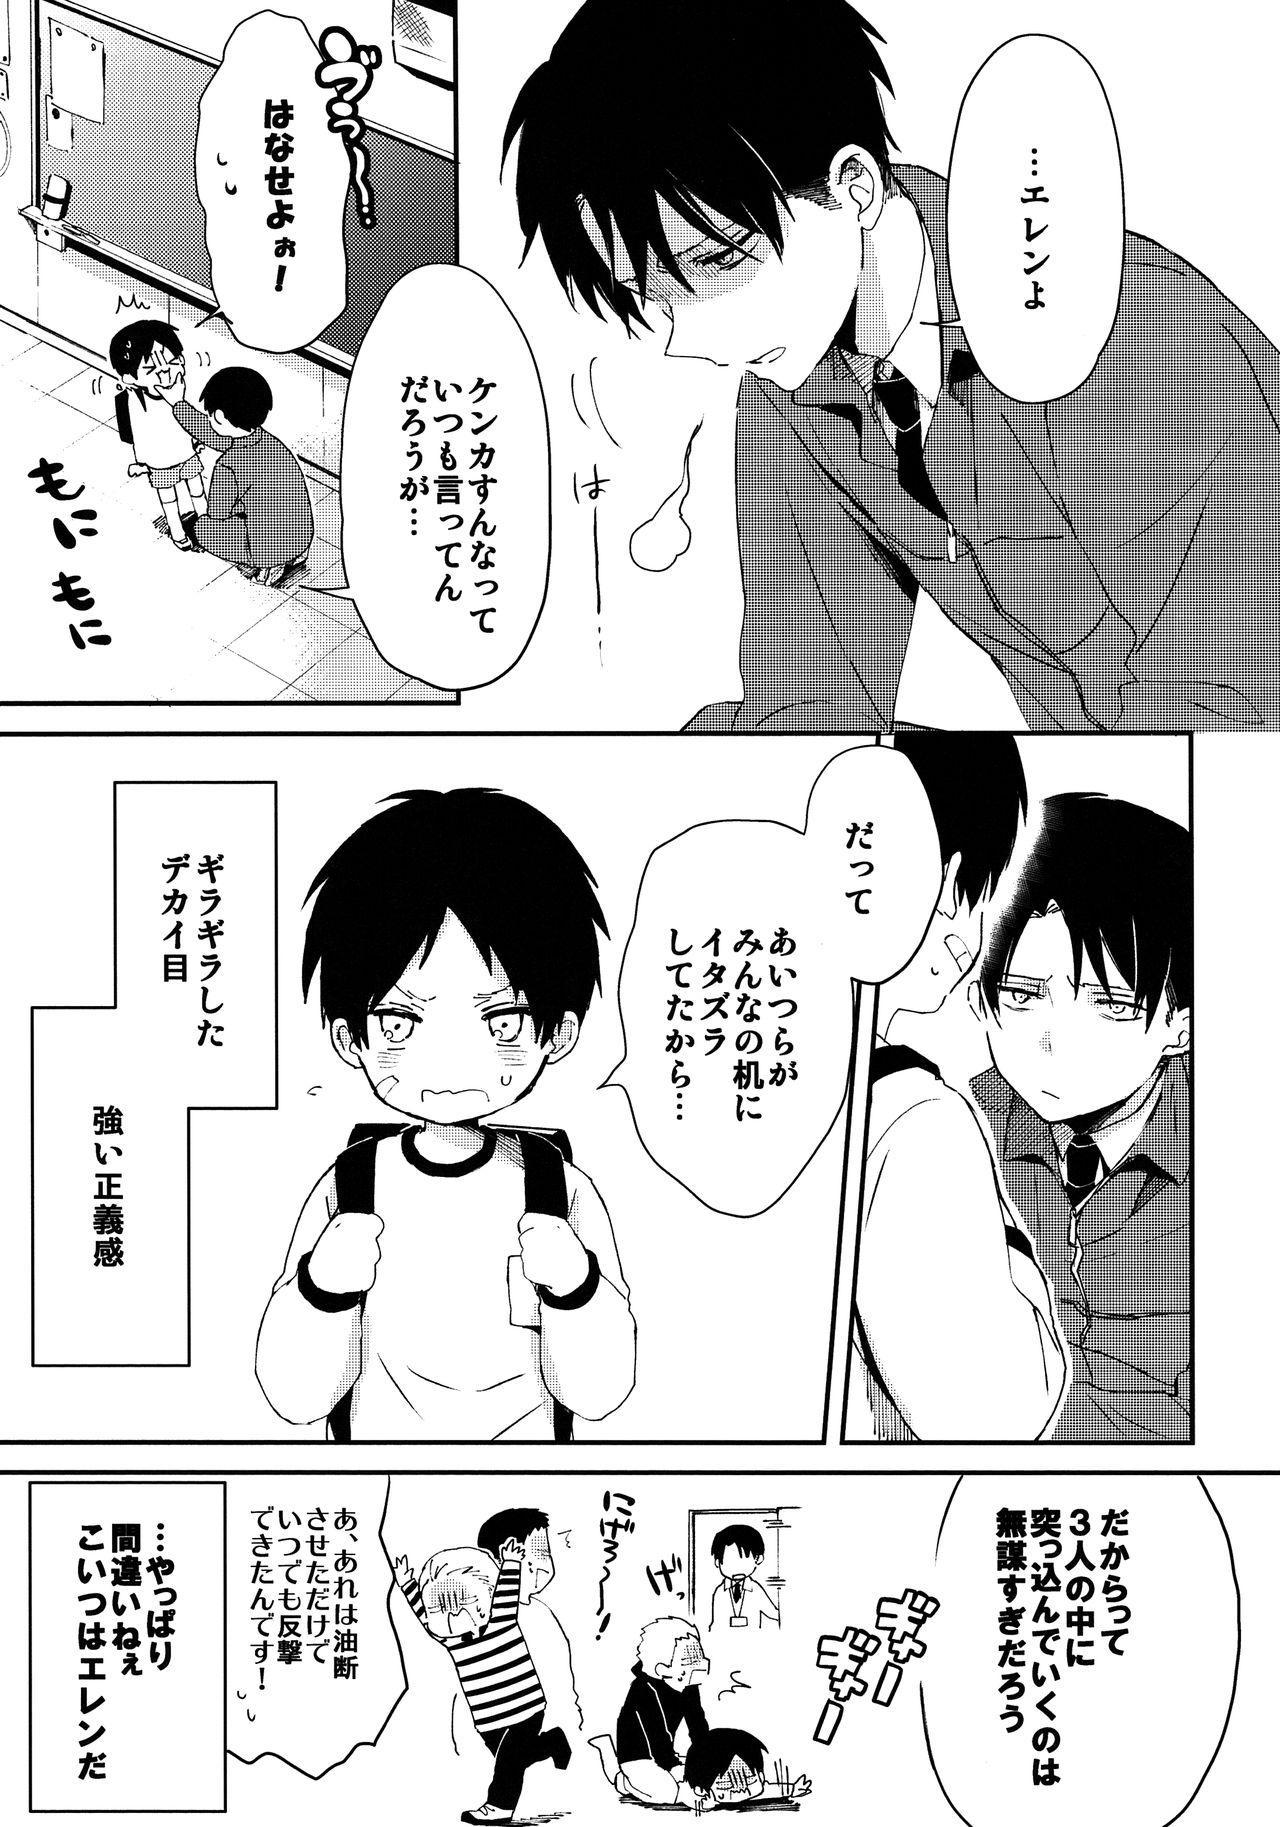 Levi Sensei to Randoseru 5